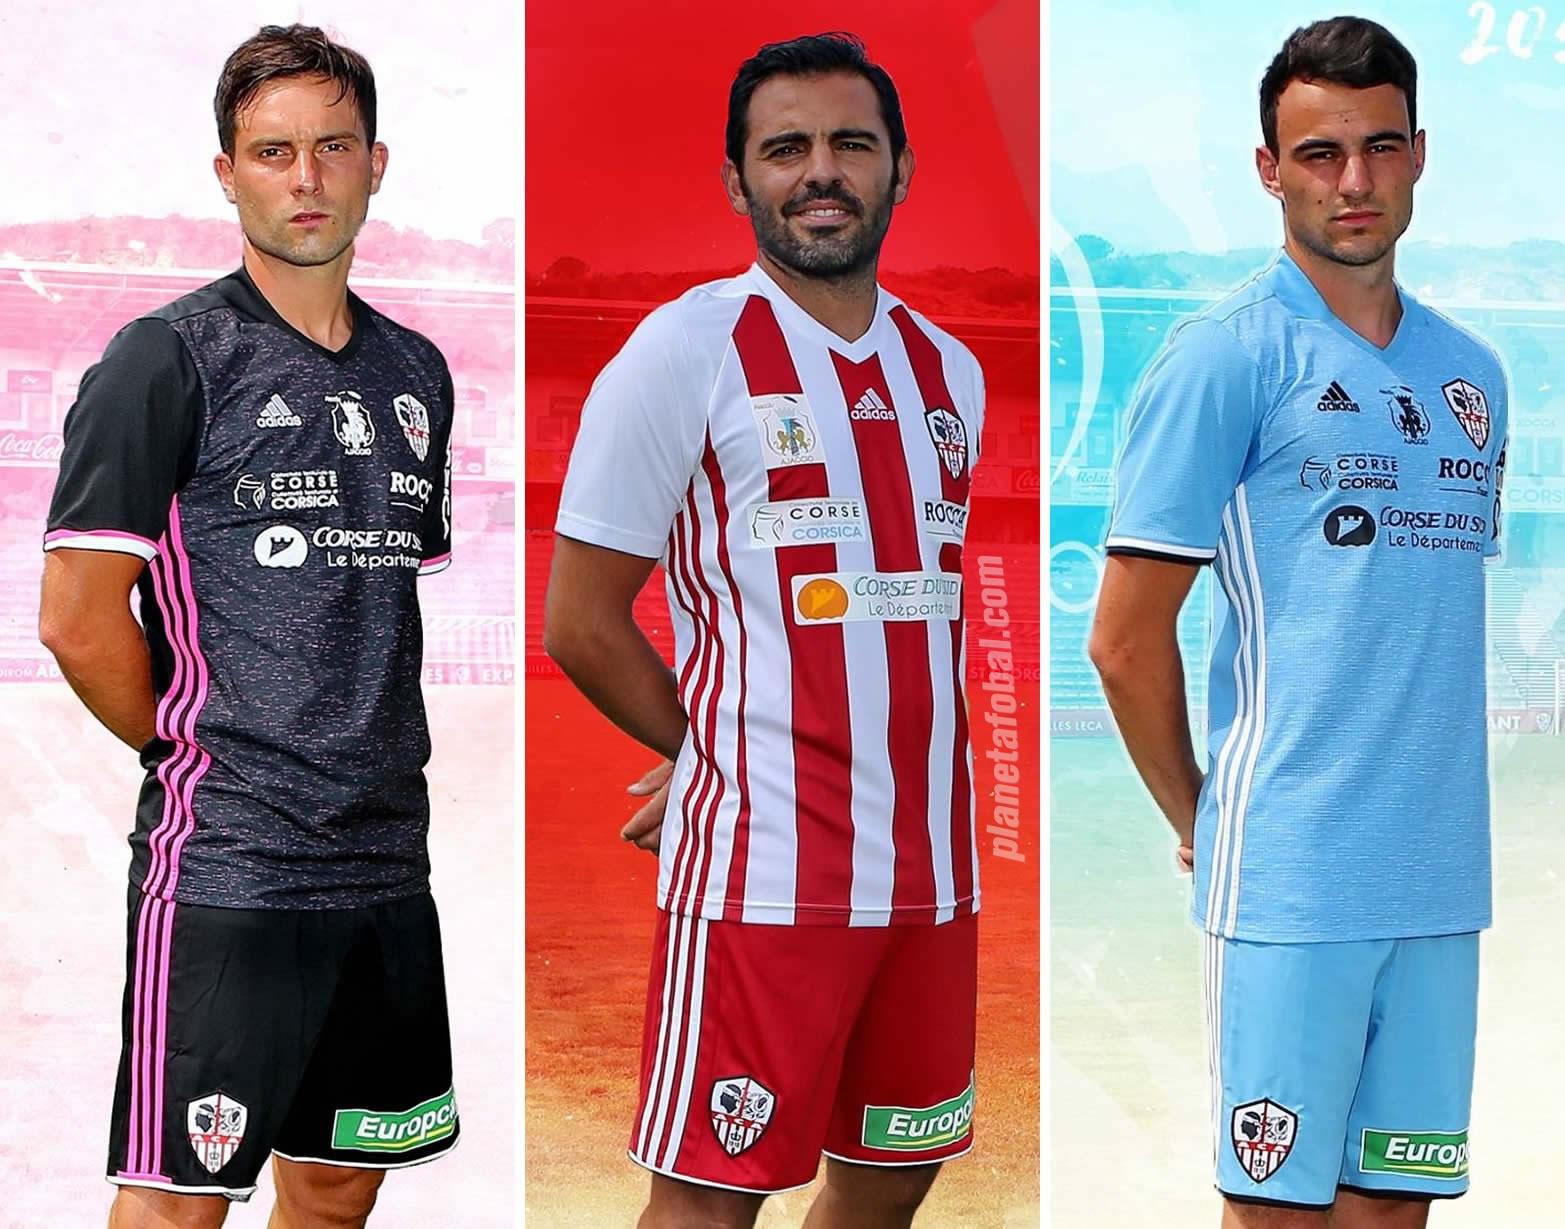 Nuevas camisetas Adidas 2017-18 del Ajaccio | Imágenes Web Oficial